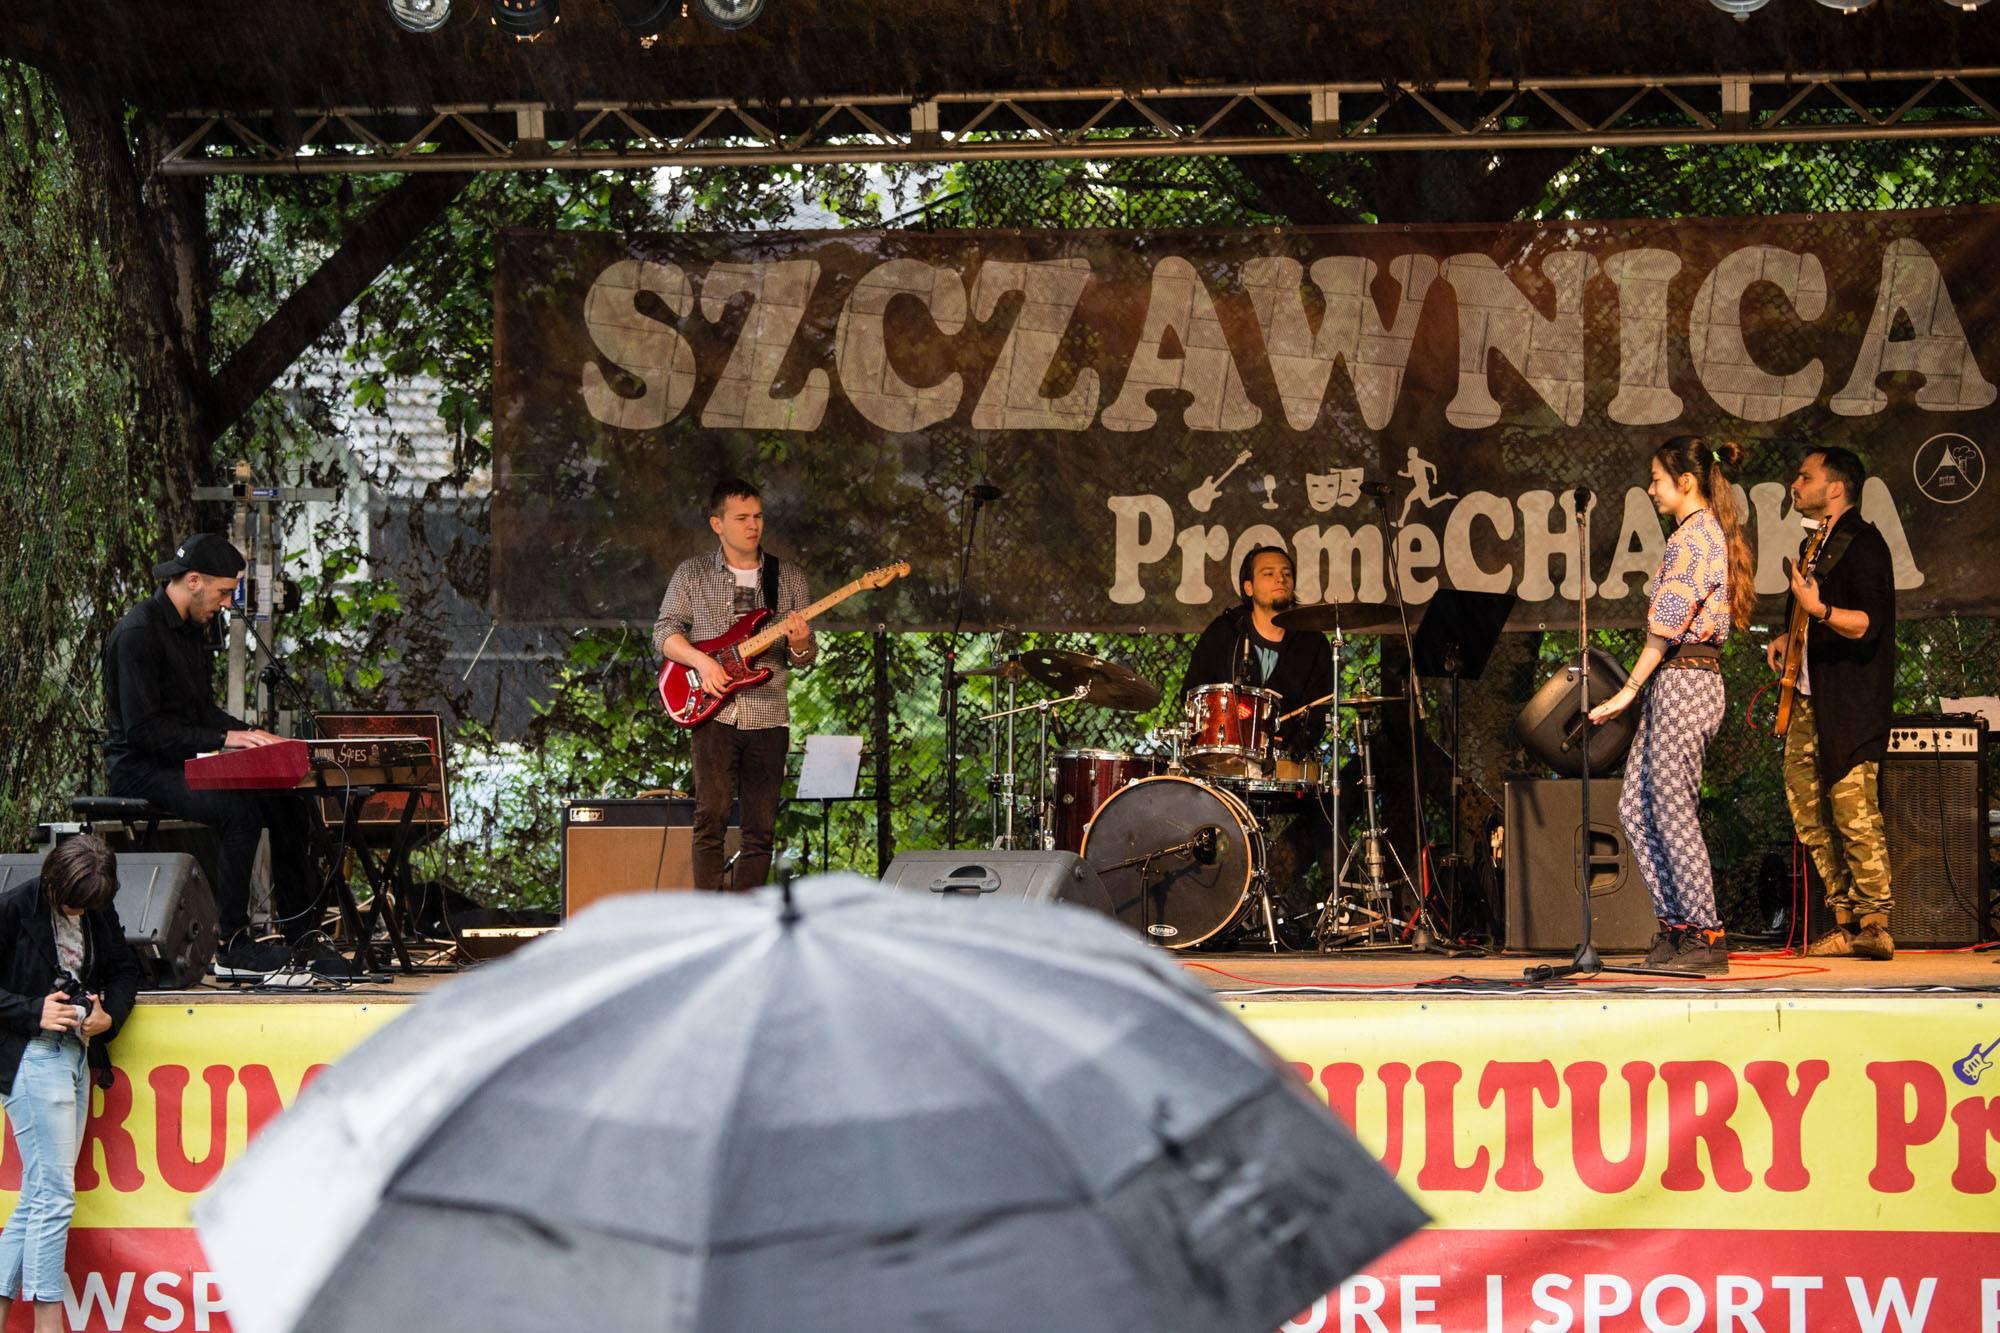 Tradycją jest, że kulminacją warsztatów jest koncert na dużej scenie dla mieszkańców Szczawnicy i odwiedzających ją turystów. W tym roku wydarzenie będziemy transmitować! [fot. Justyna Dziekanowska/Paweł Zdybel]